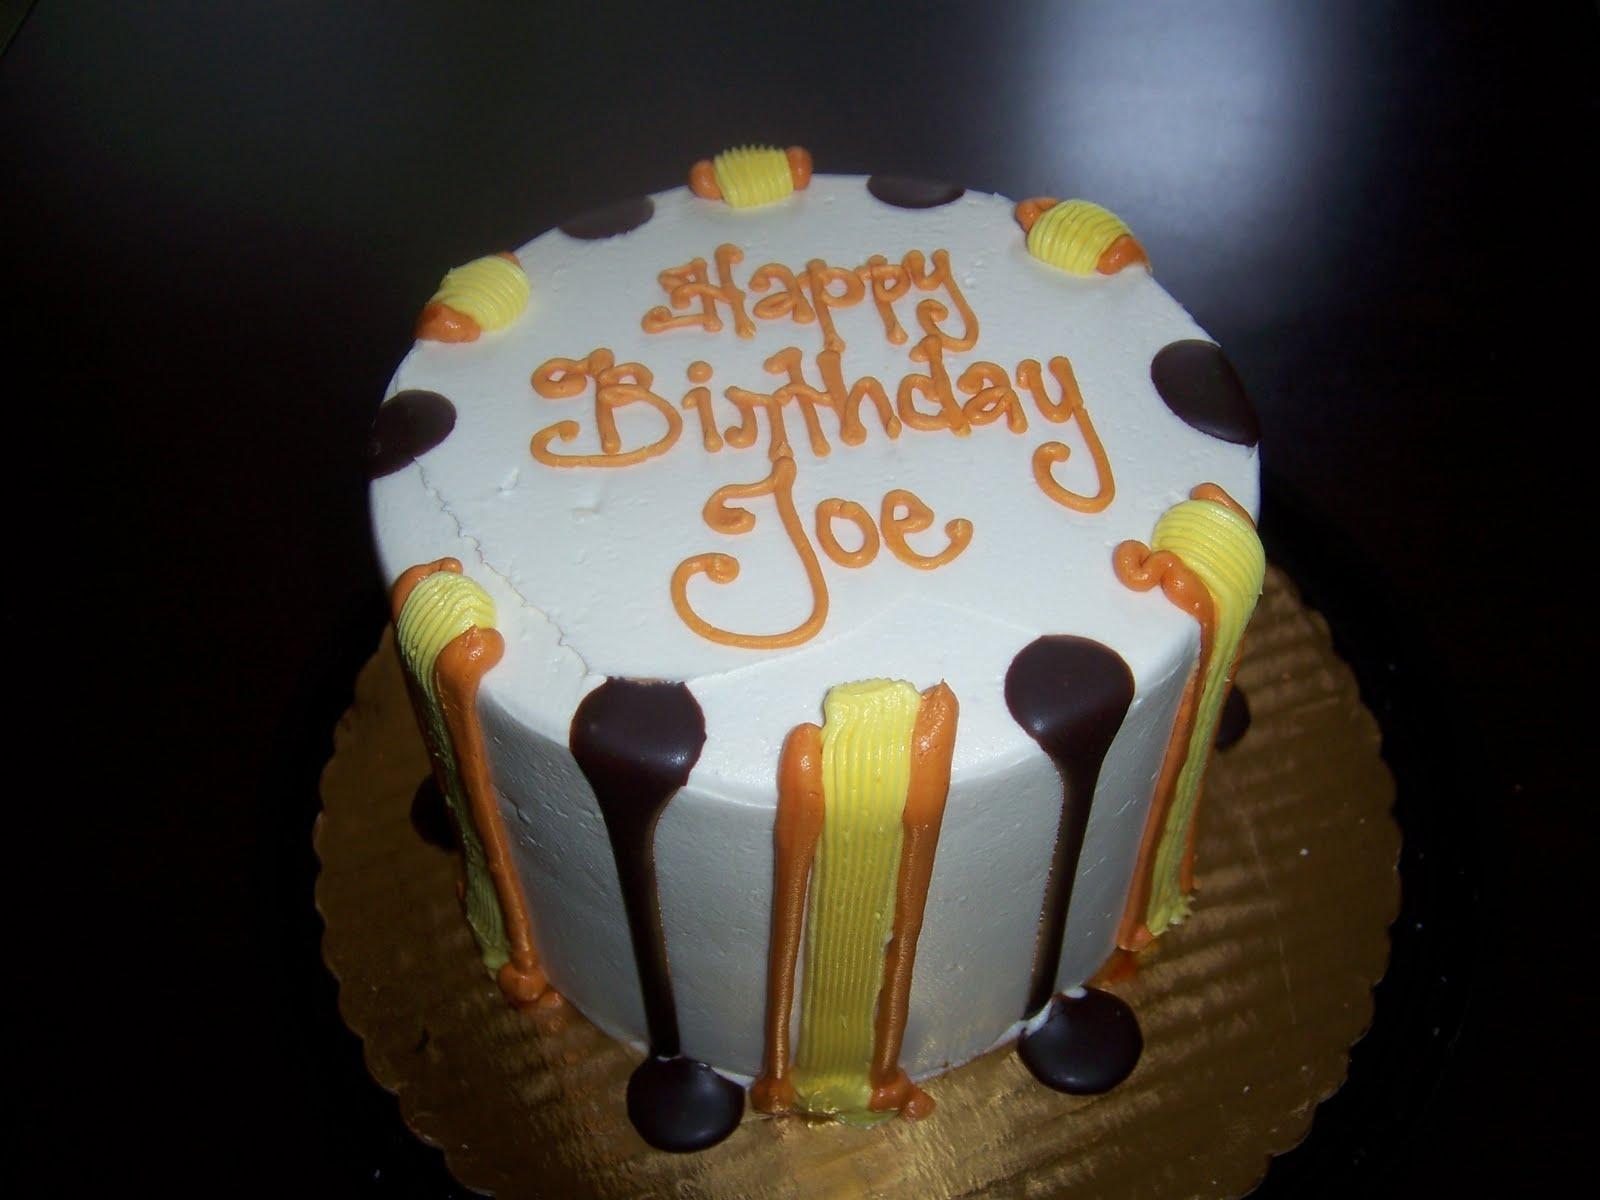 Joe Birthday Cakes